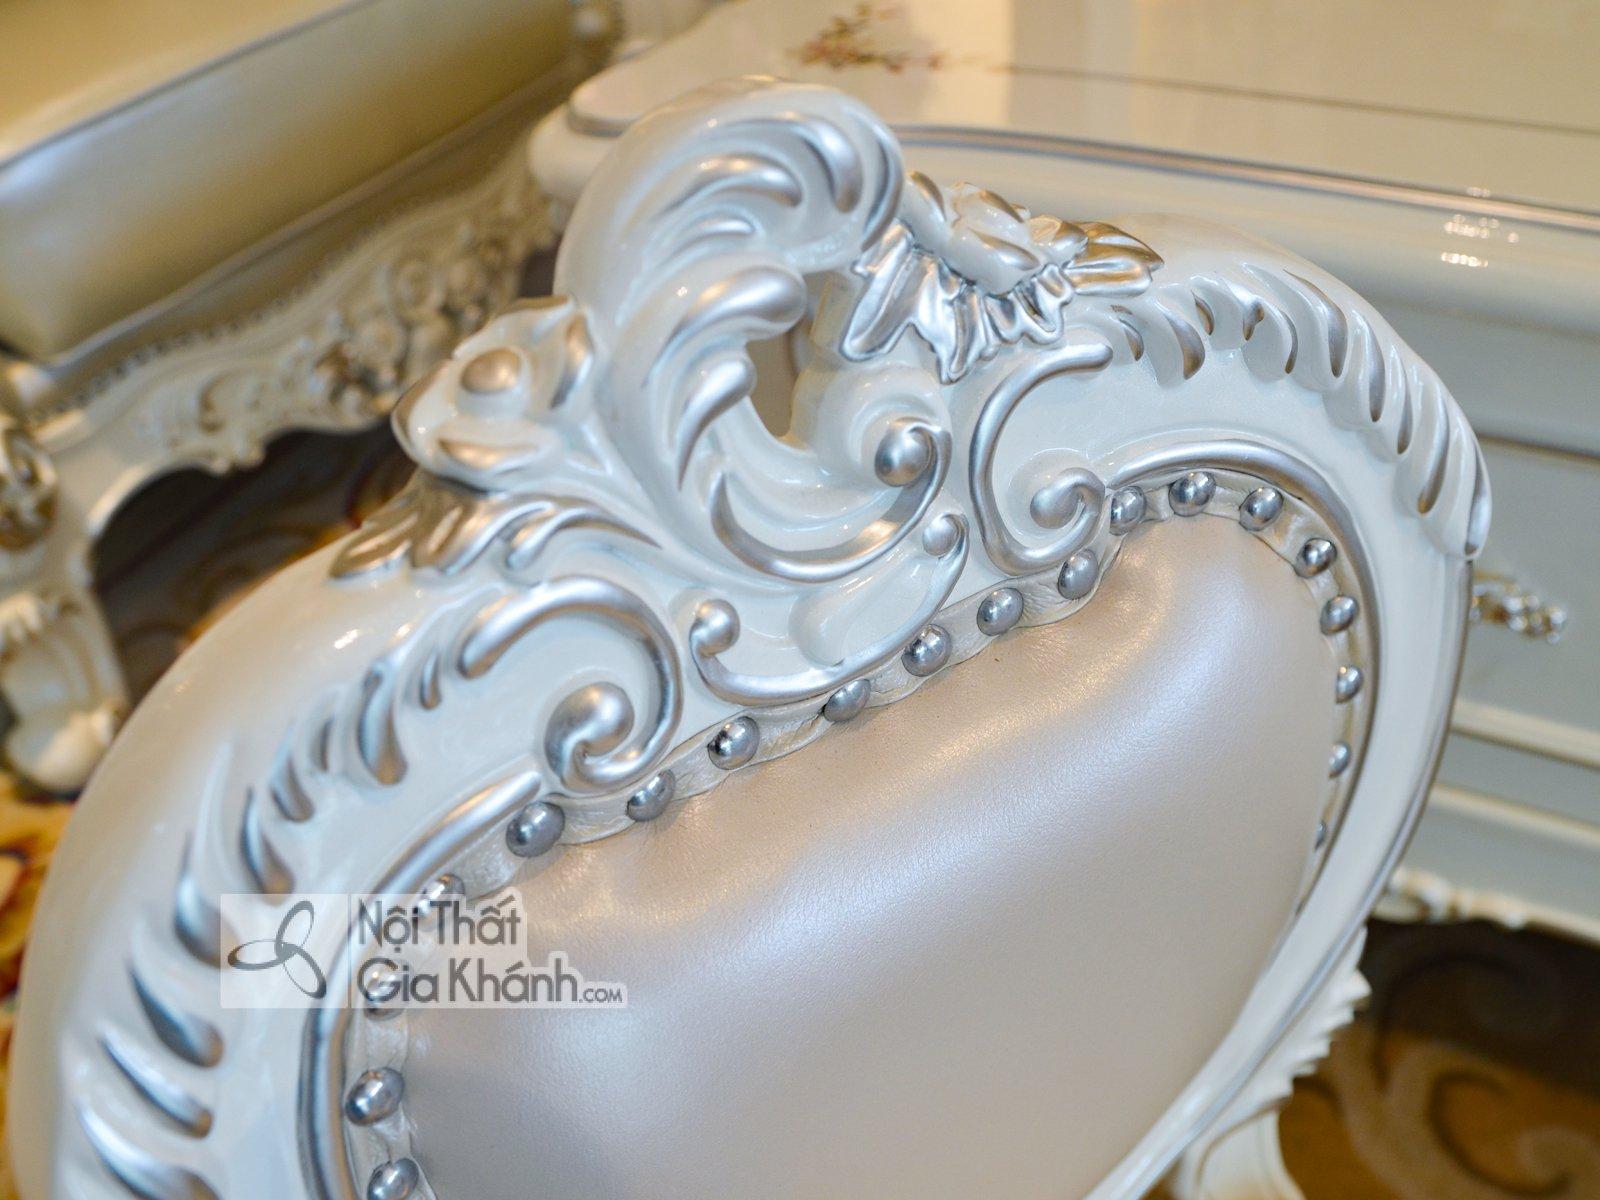 ghe nho dat cung sofa H8801G 3 - Ghế baby đặt cùng sofa tân cổ điển GB8801H